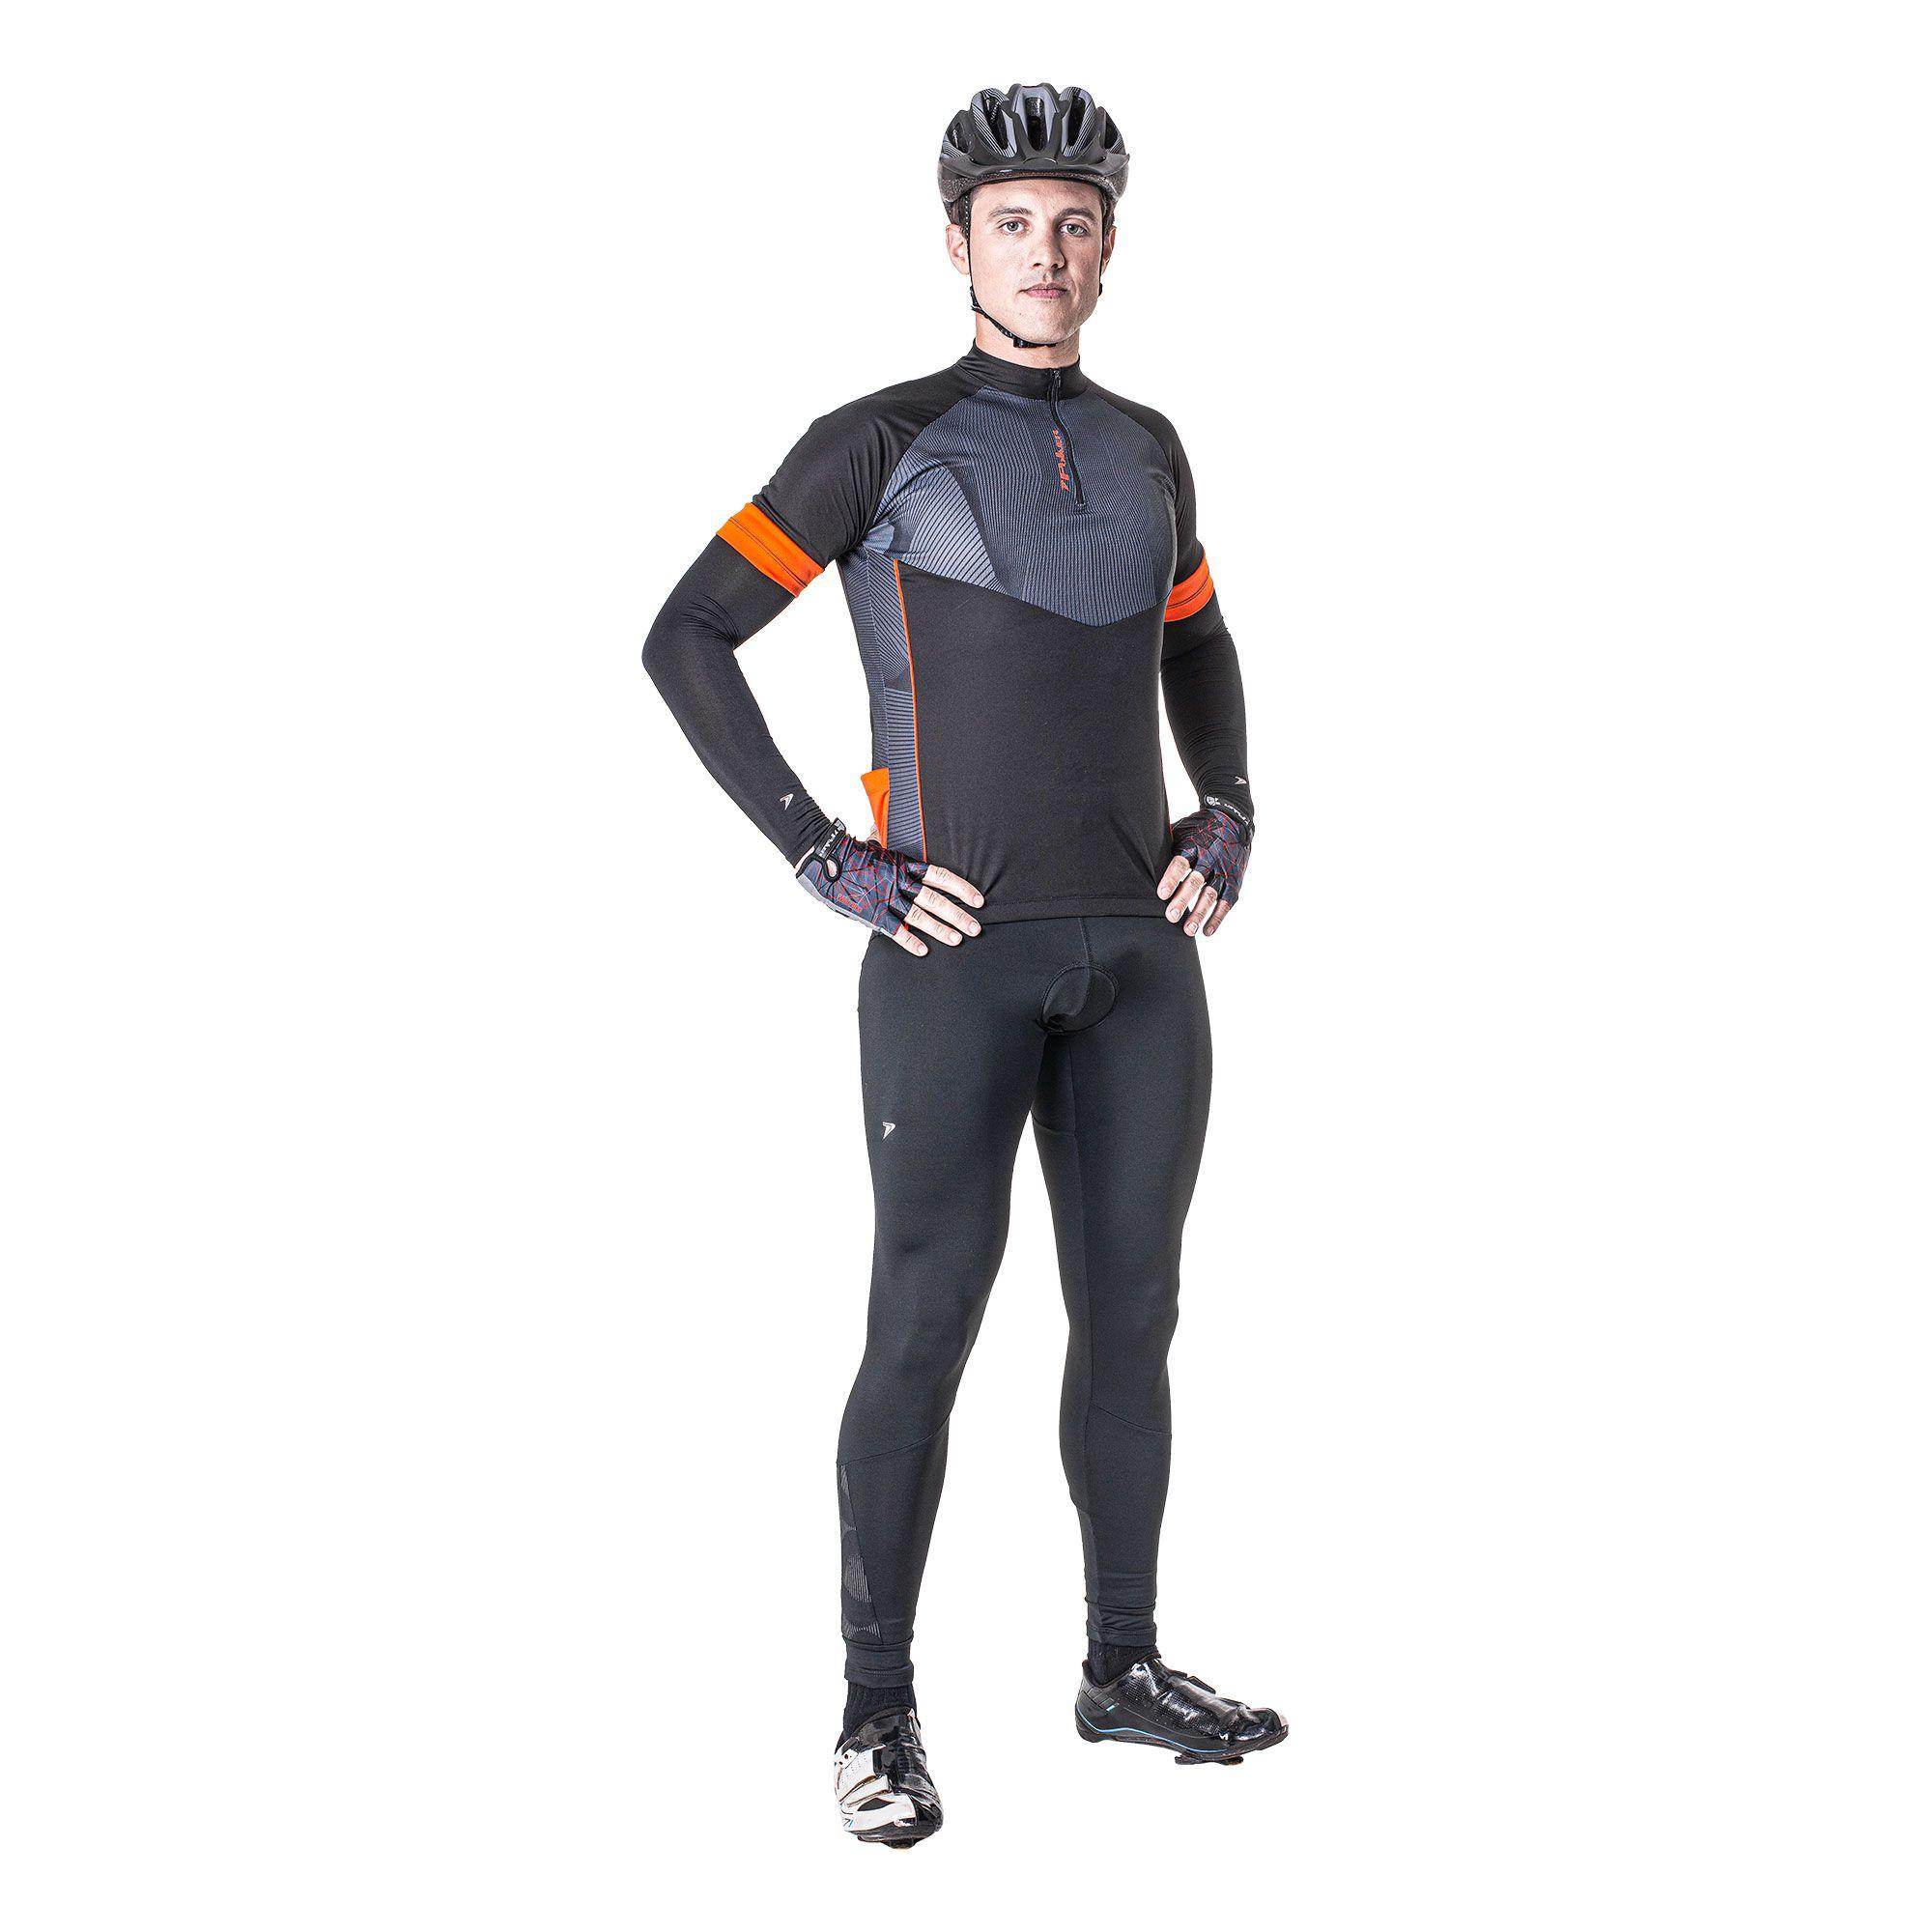 Manguito Impulse Proteção UV 50 + 04192